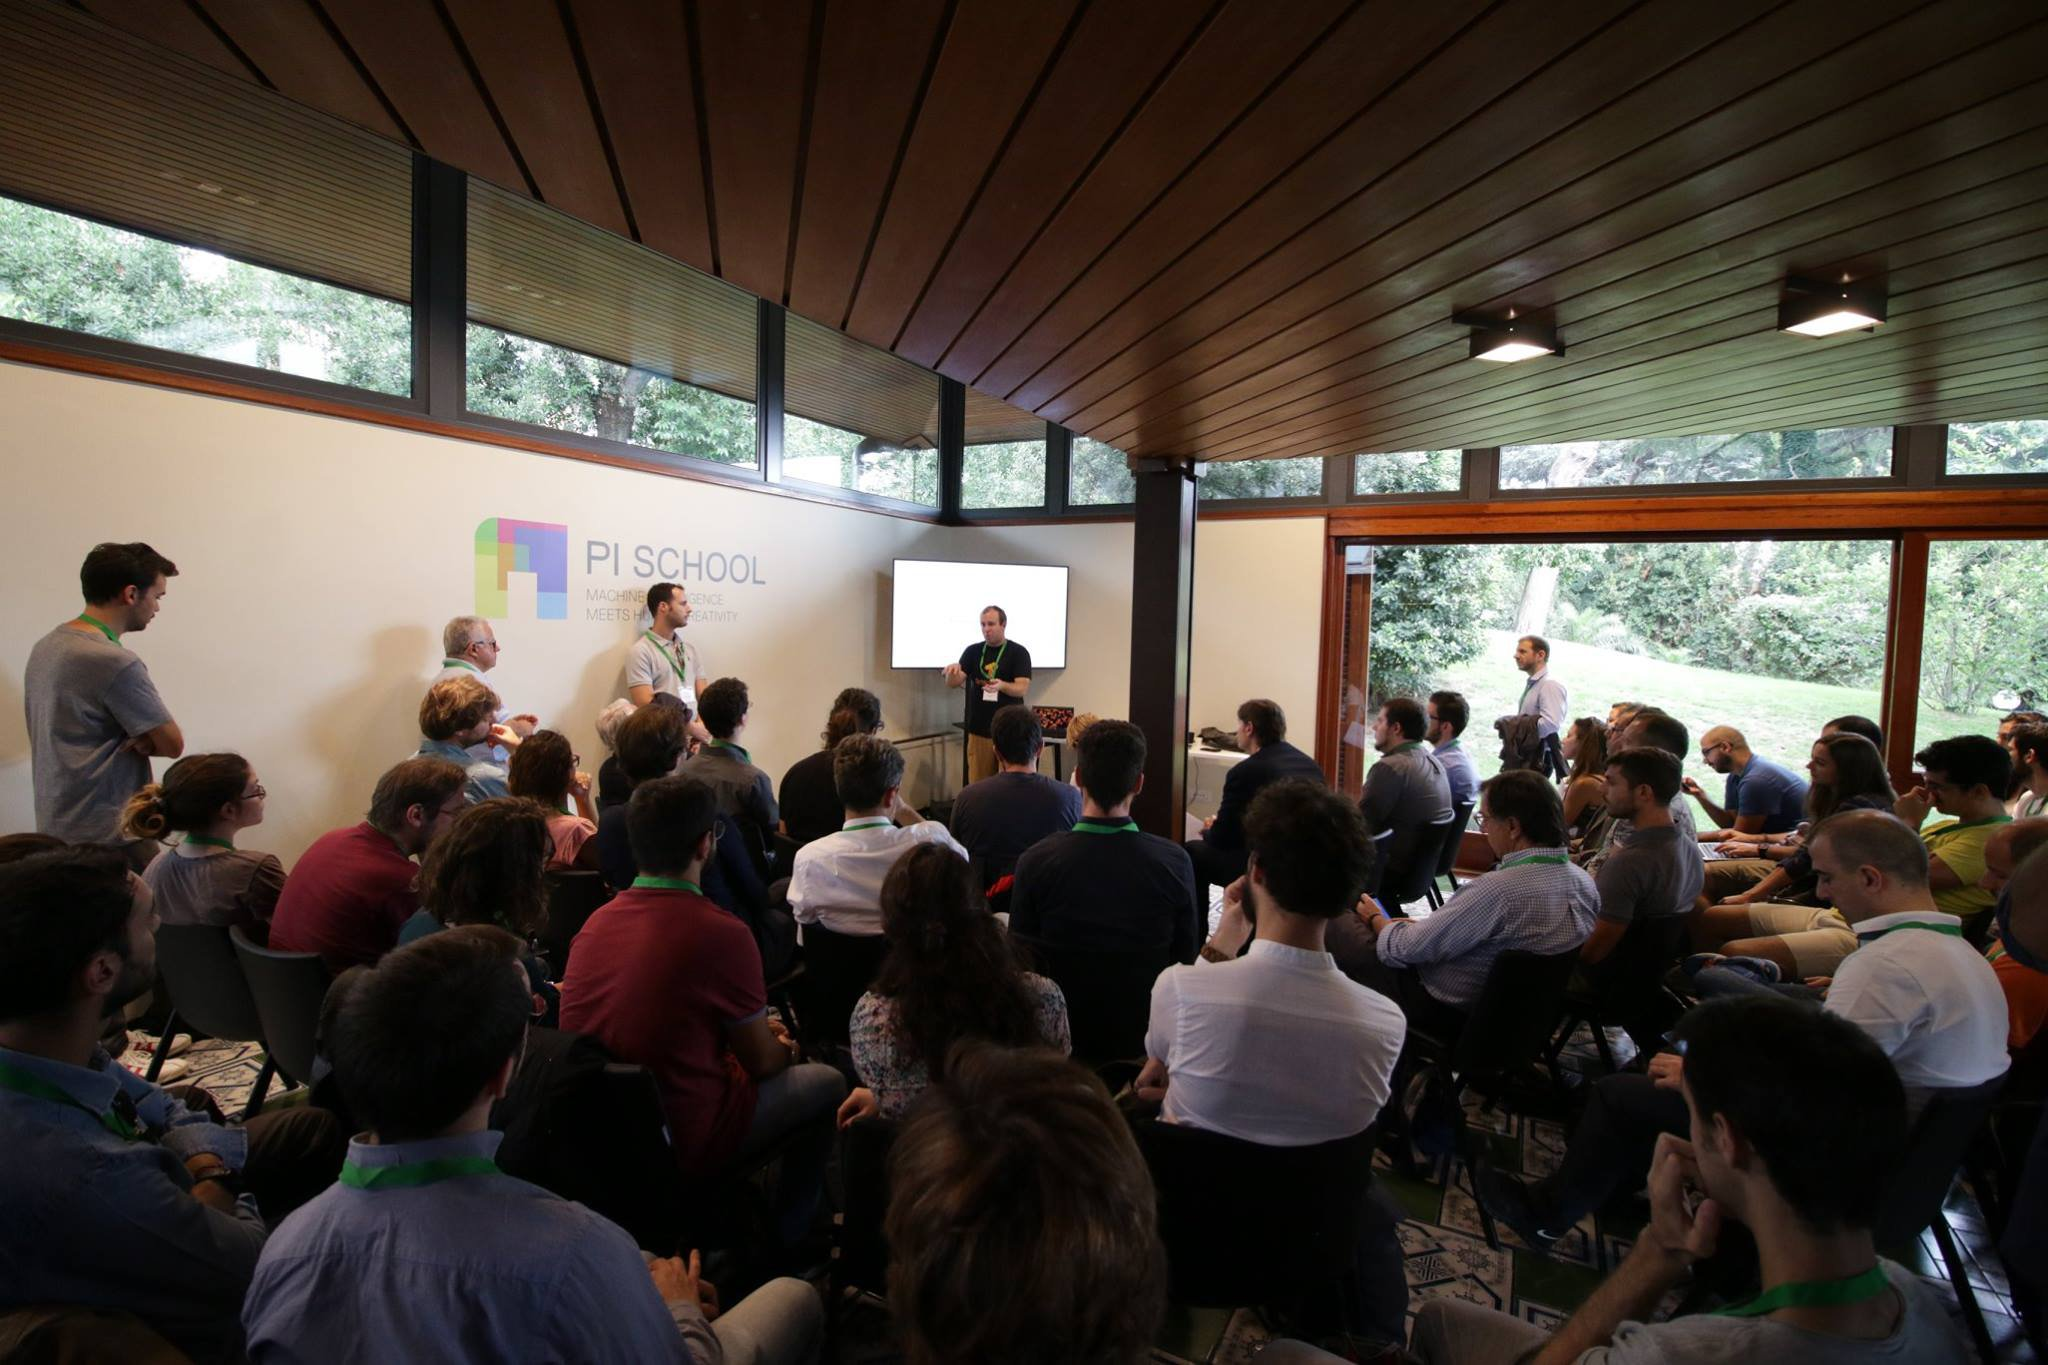 Pi Campus apre una scuola (gratuita) dedicata al machine learning e alla creatività